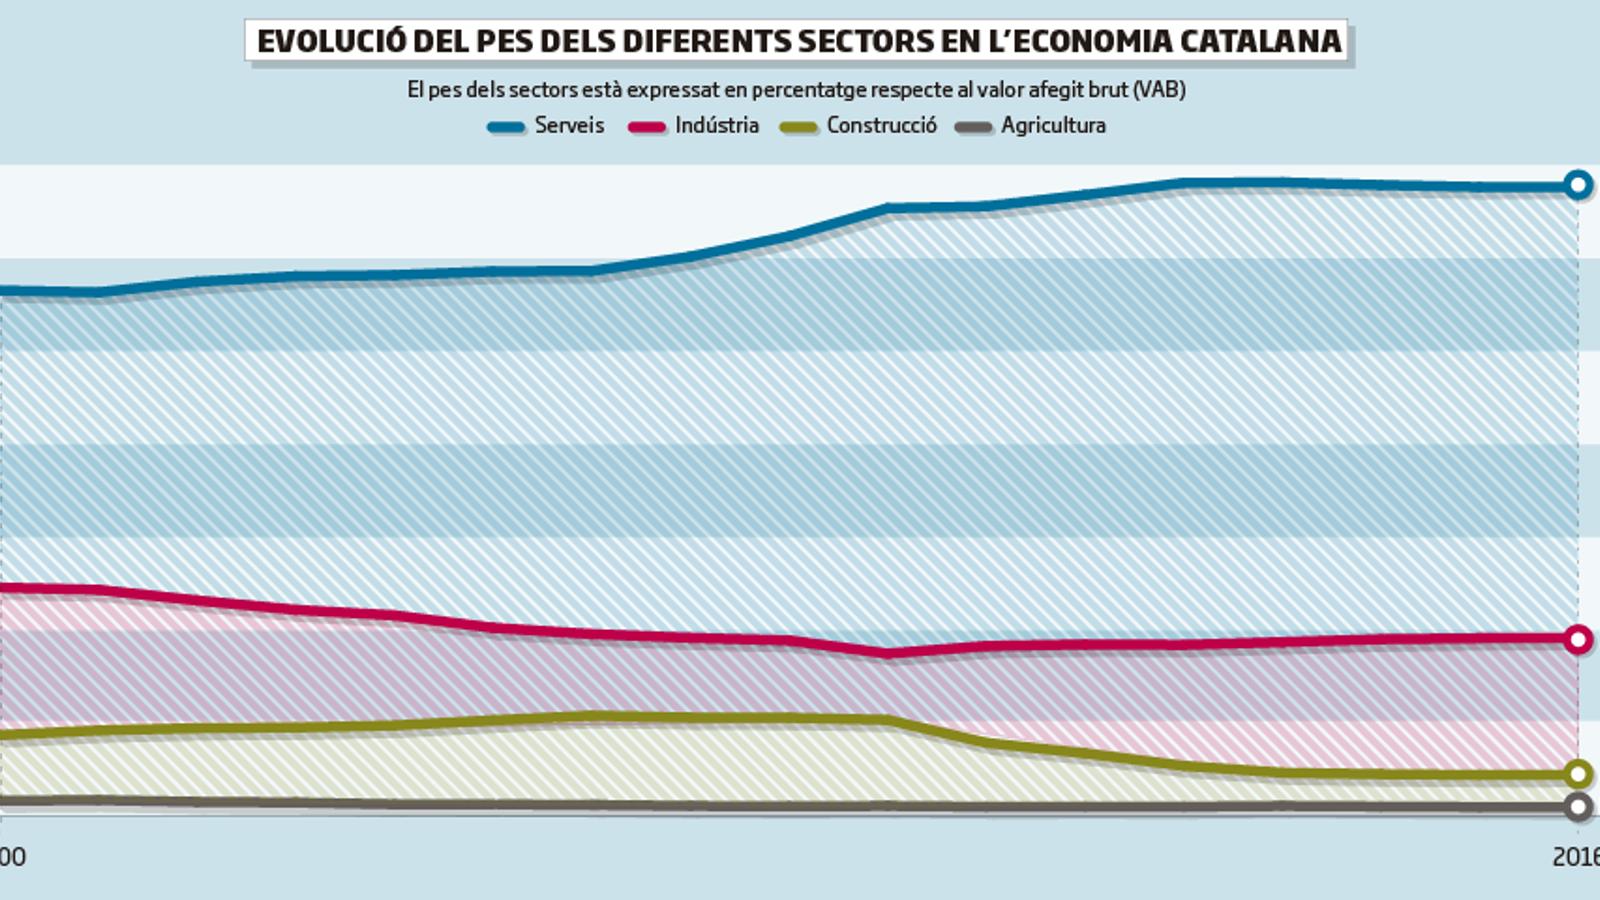 La indústria encara trigarà més de 10 anys a arribar al 25% del PIB